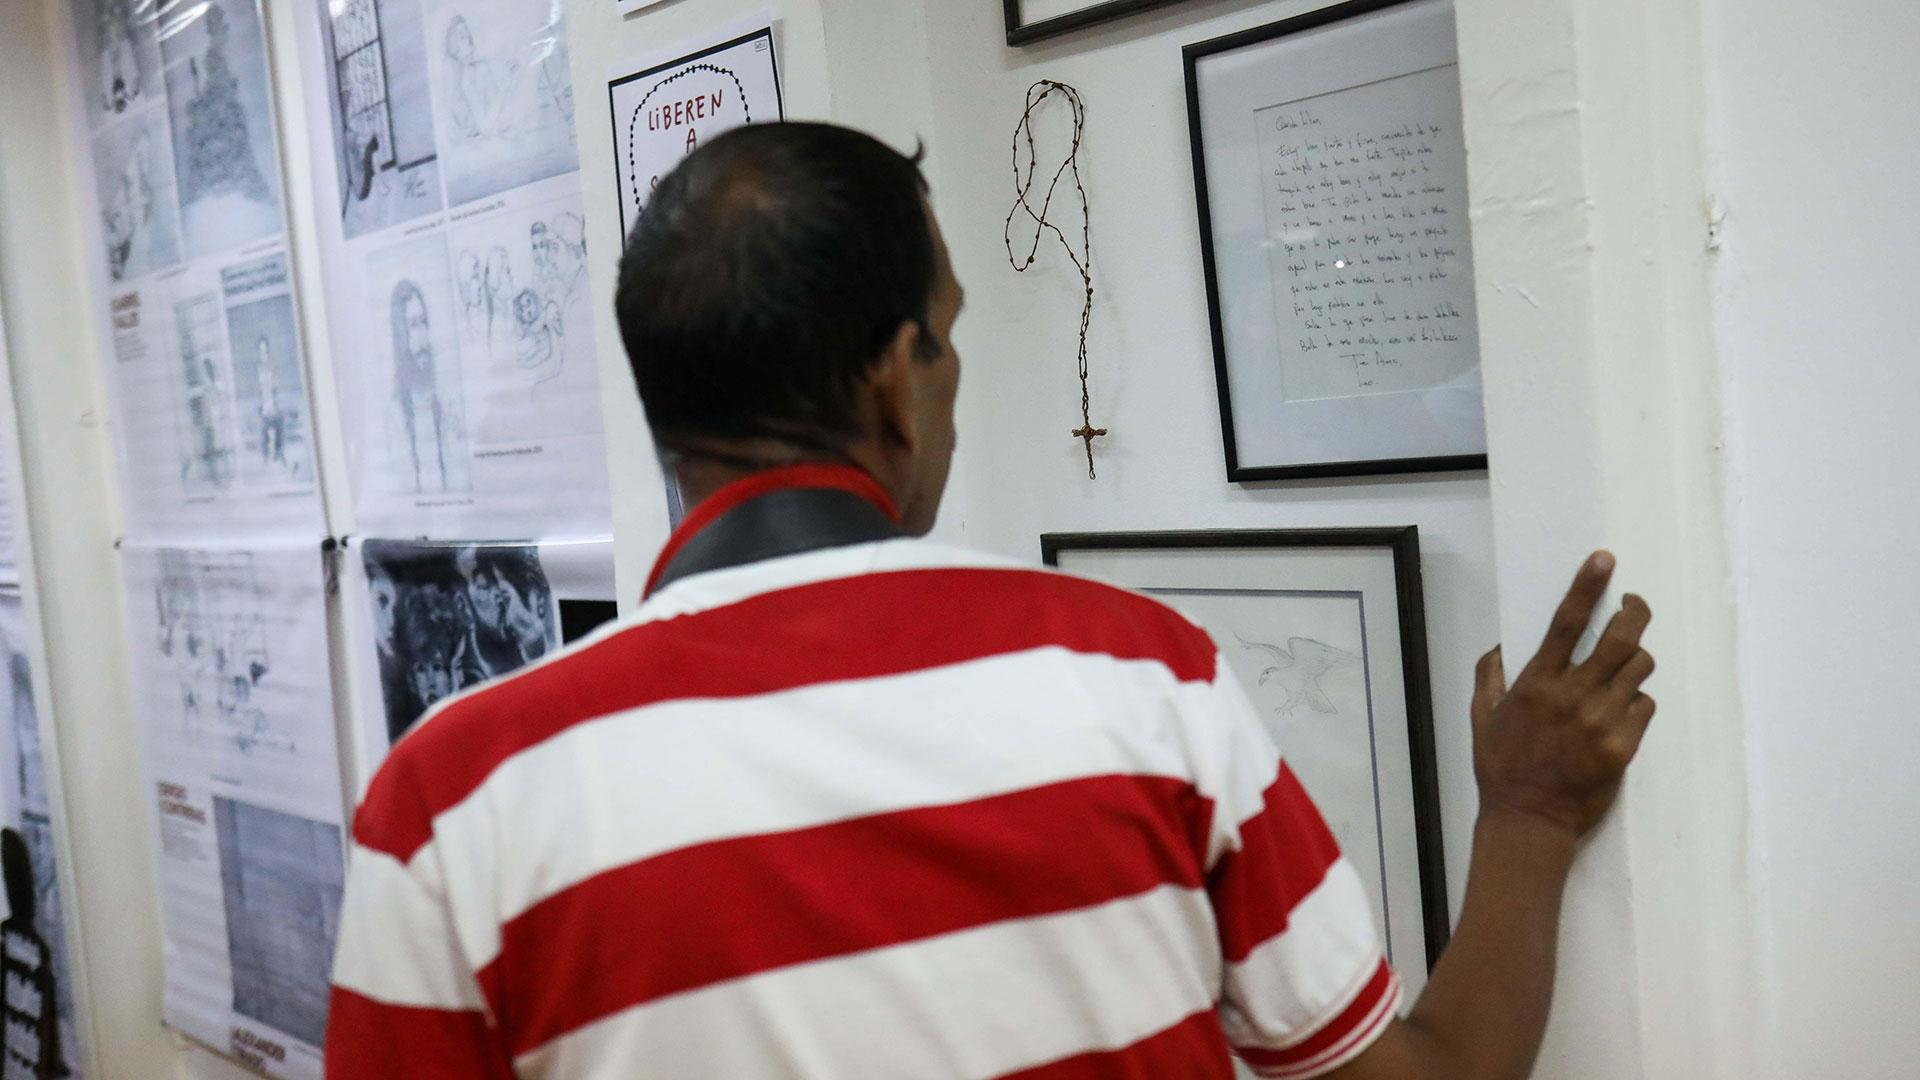 El objetivo es recordar y homenajear a los presos políticos y torturados en Venezuela (EFE)